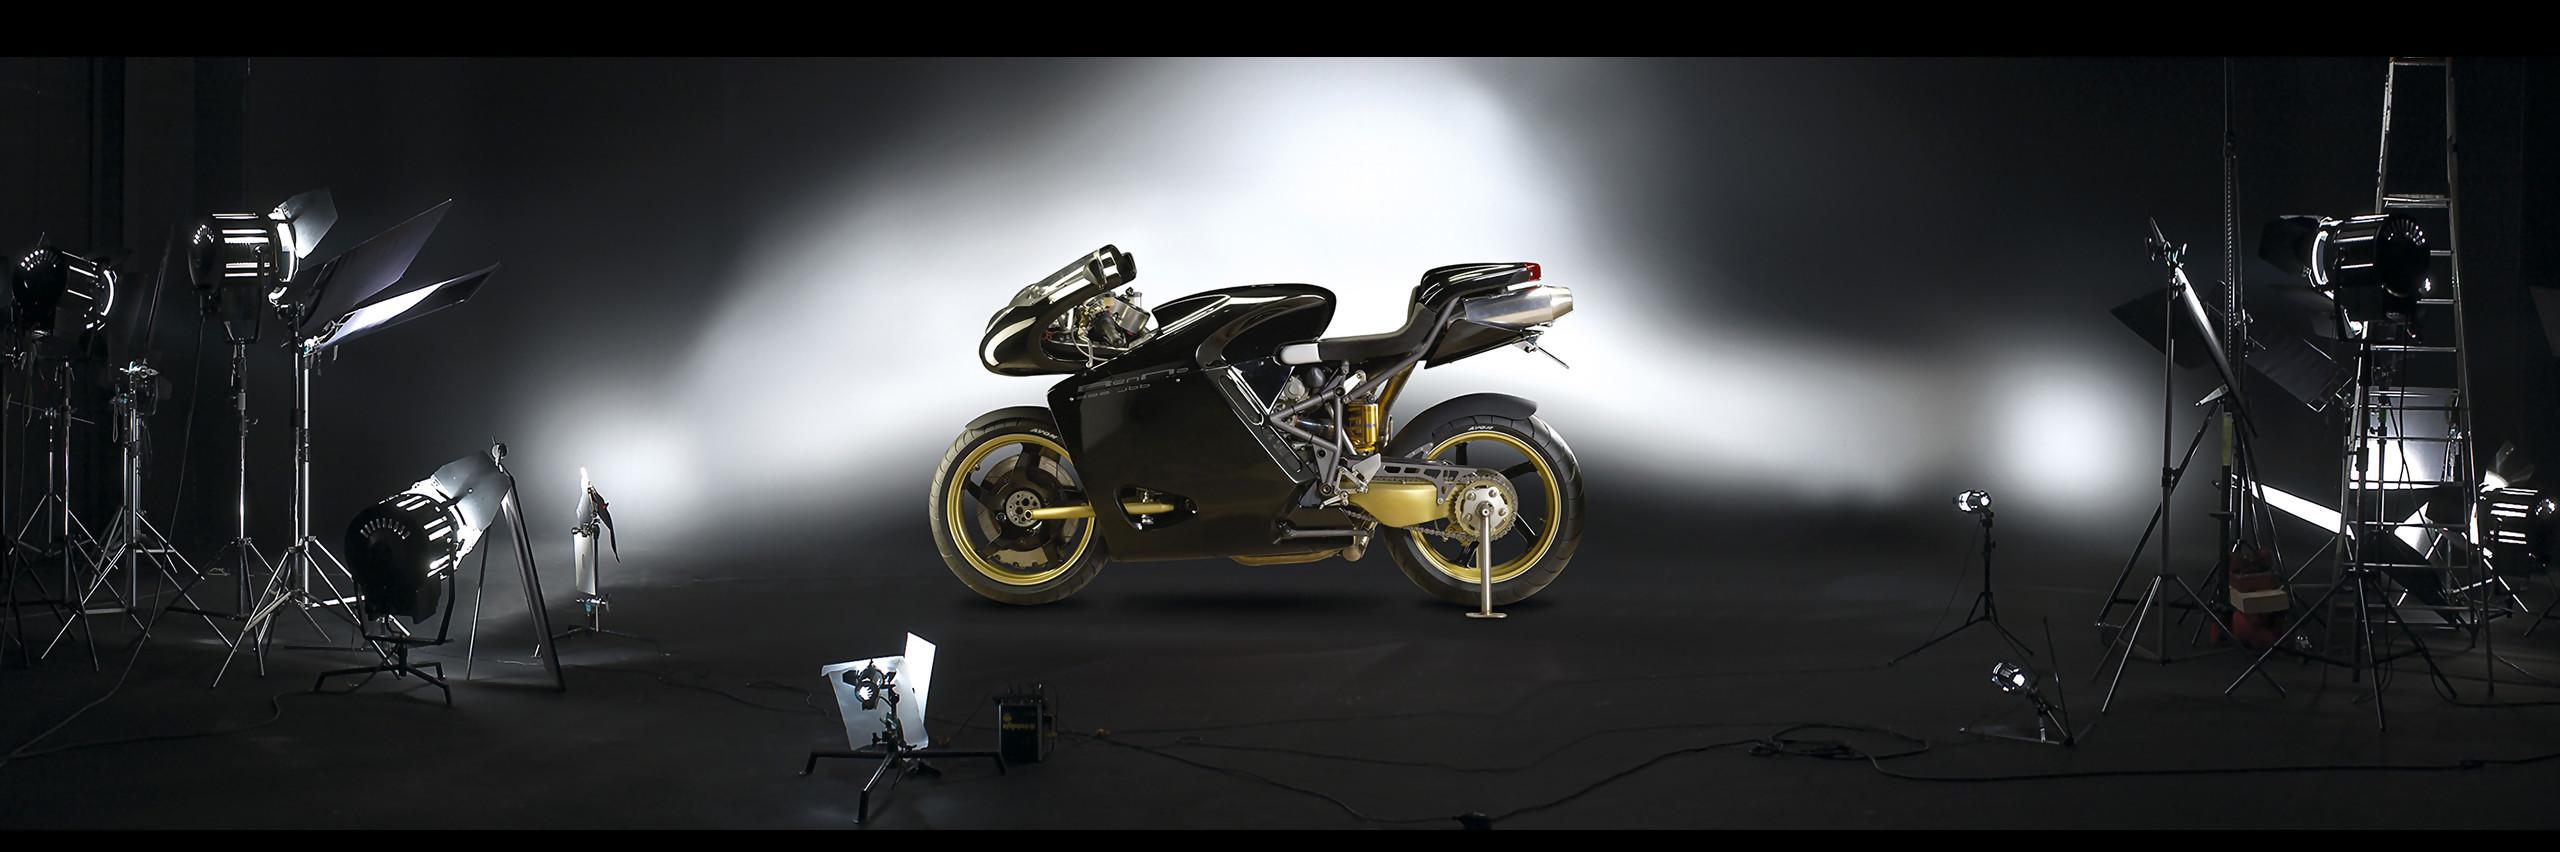 RenNa Motorcycle